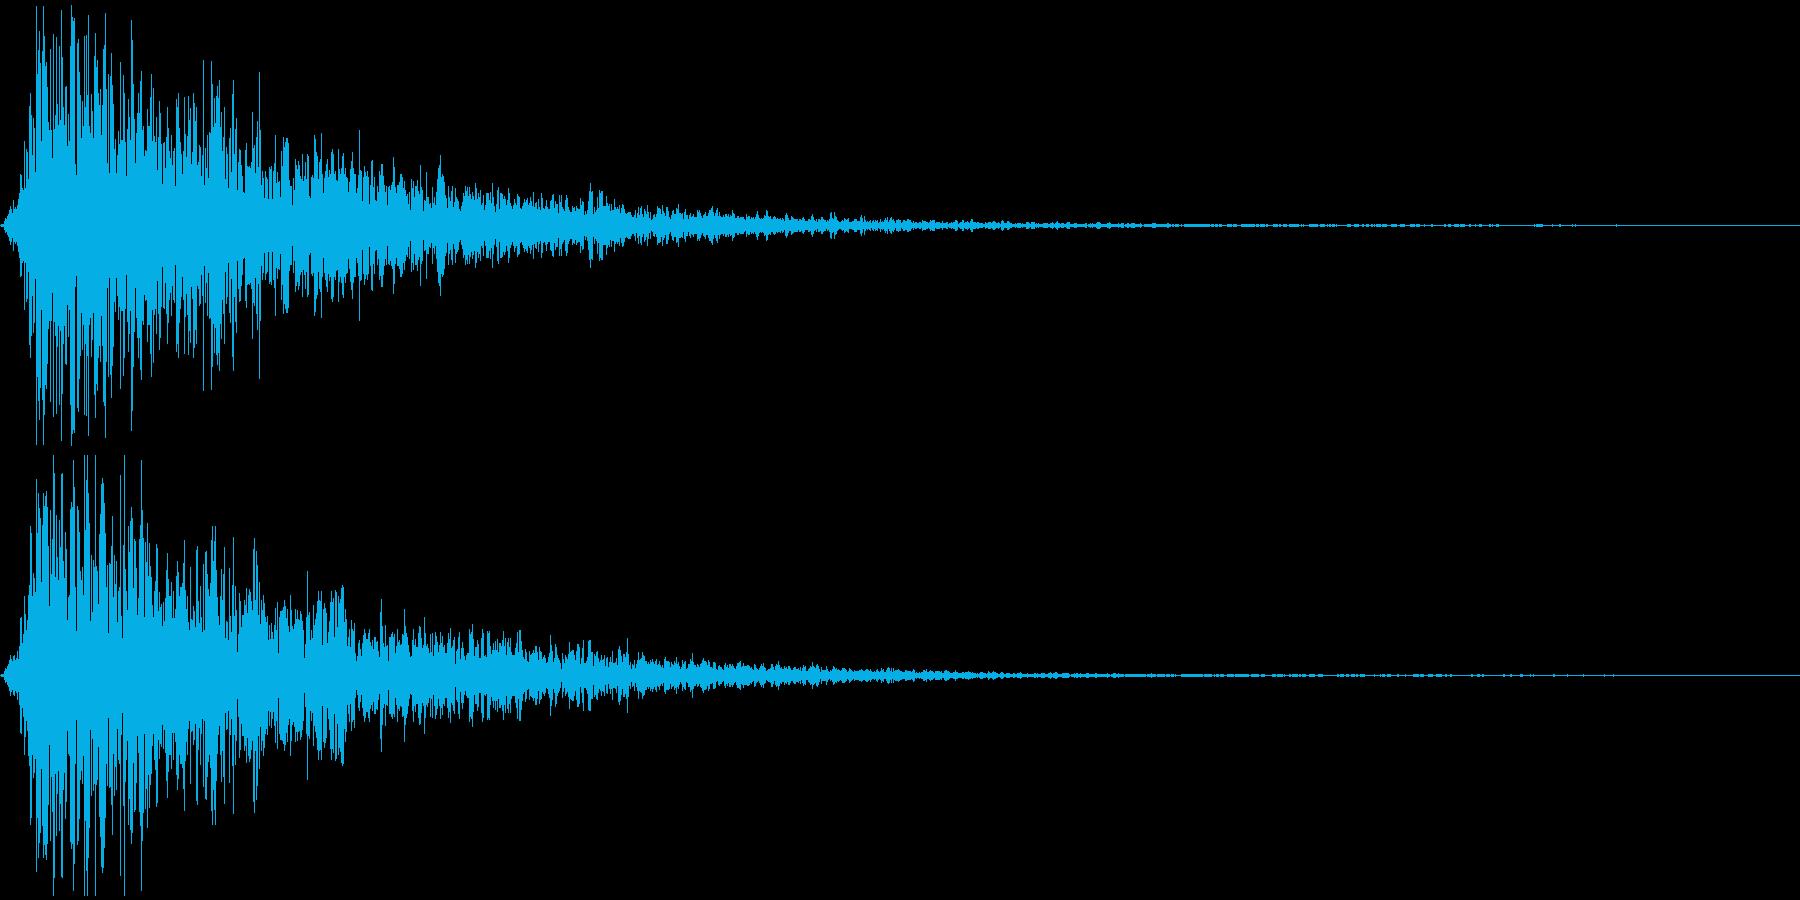 ボーーッ ヒョーーッ 長めの炎 火炎放射の再生済みの波形